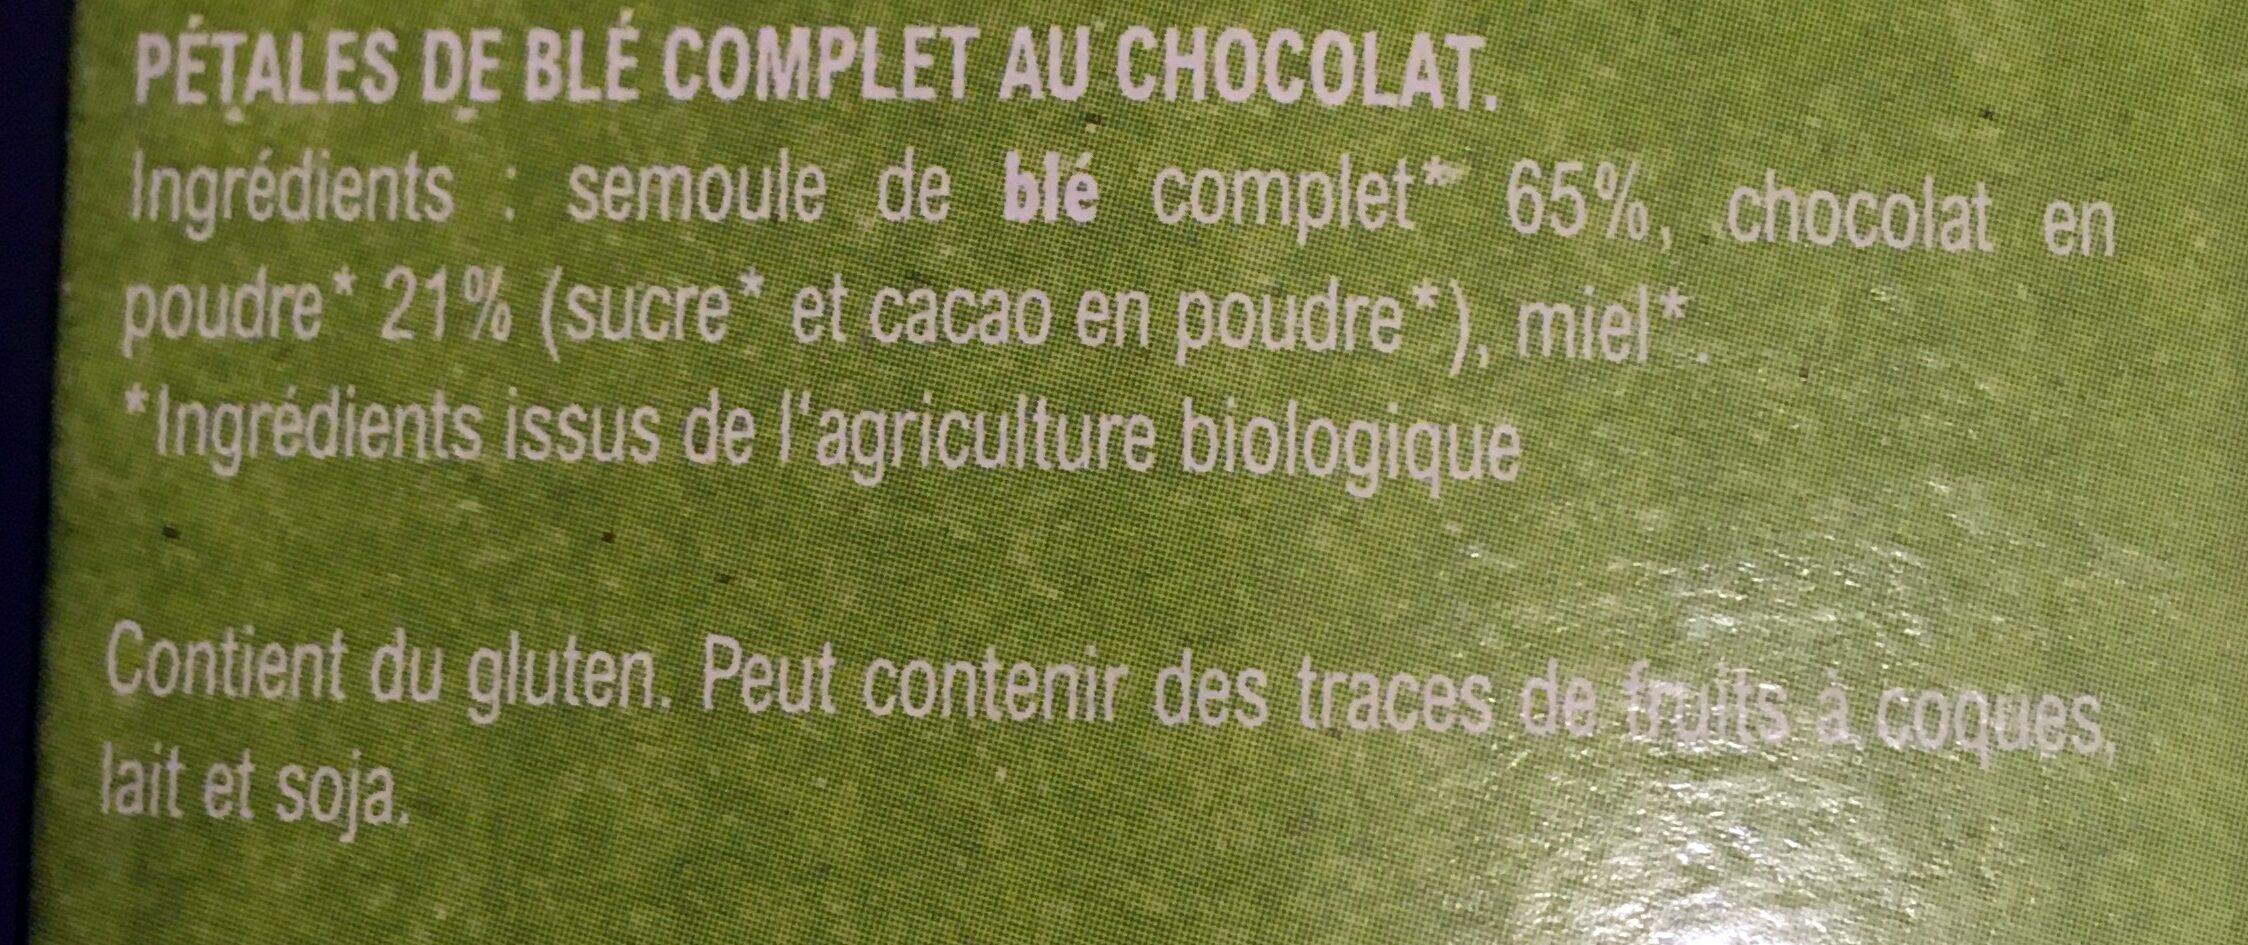 Pétale Choc - Ingredients - fr